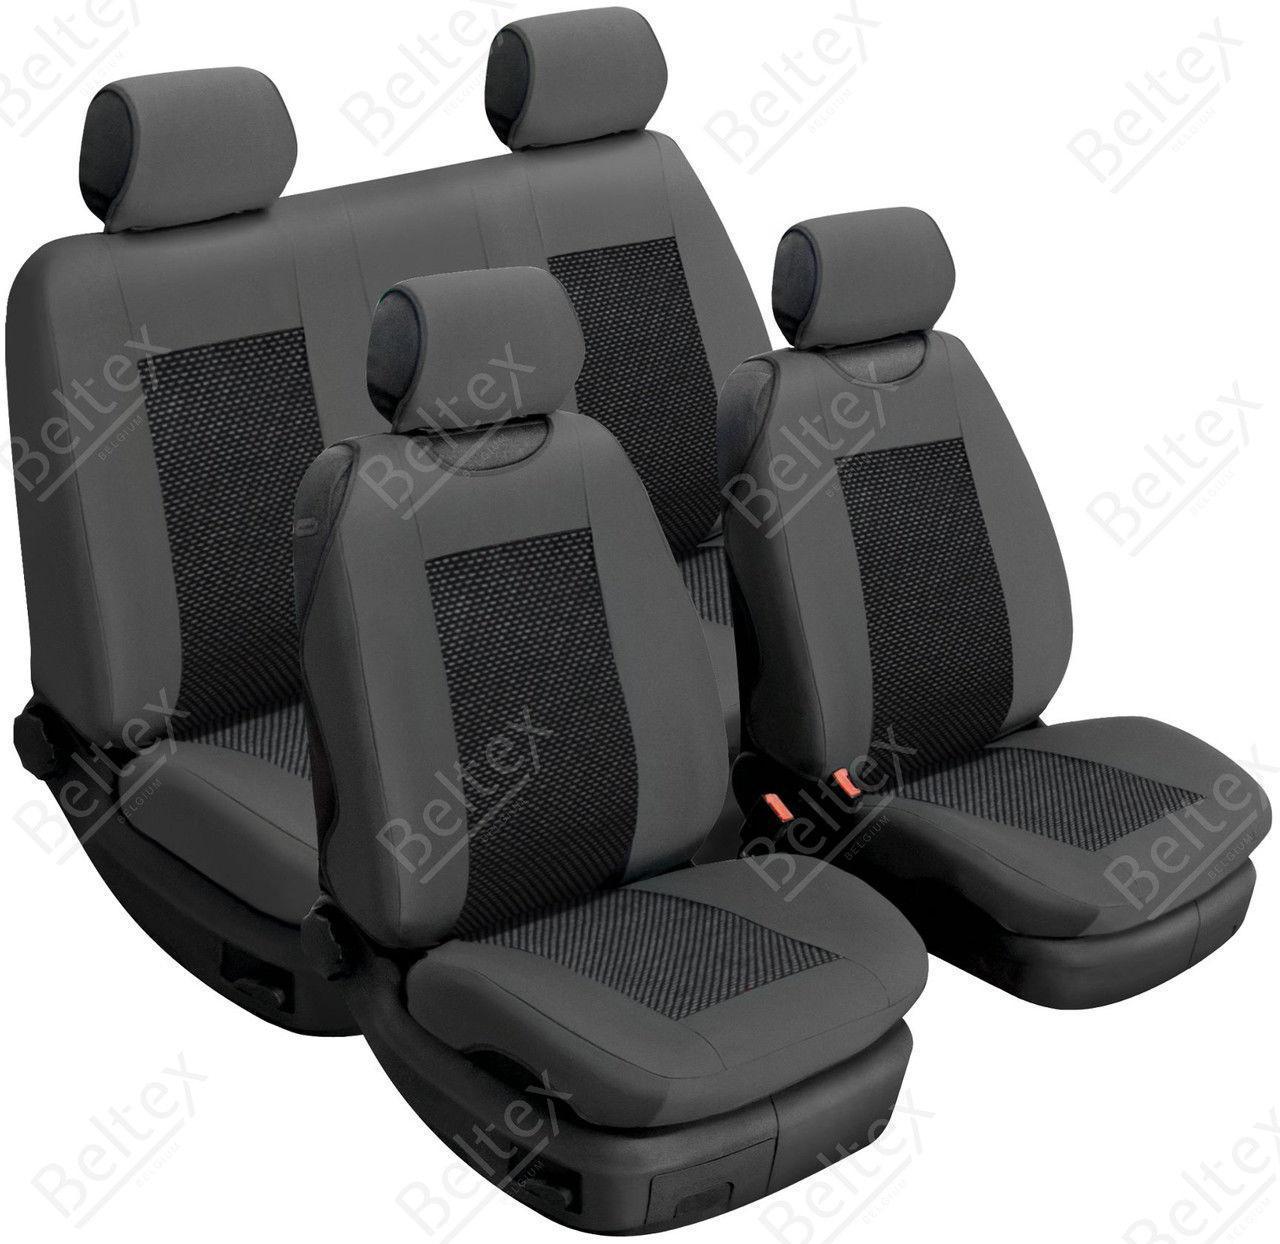 Майки/чехлы на сиденья Сеат Леон 3 (Seat Leon III), фото 1